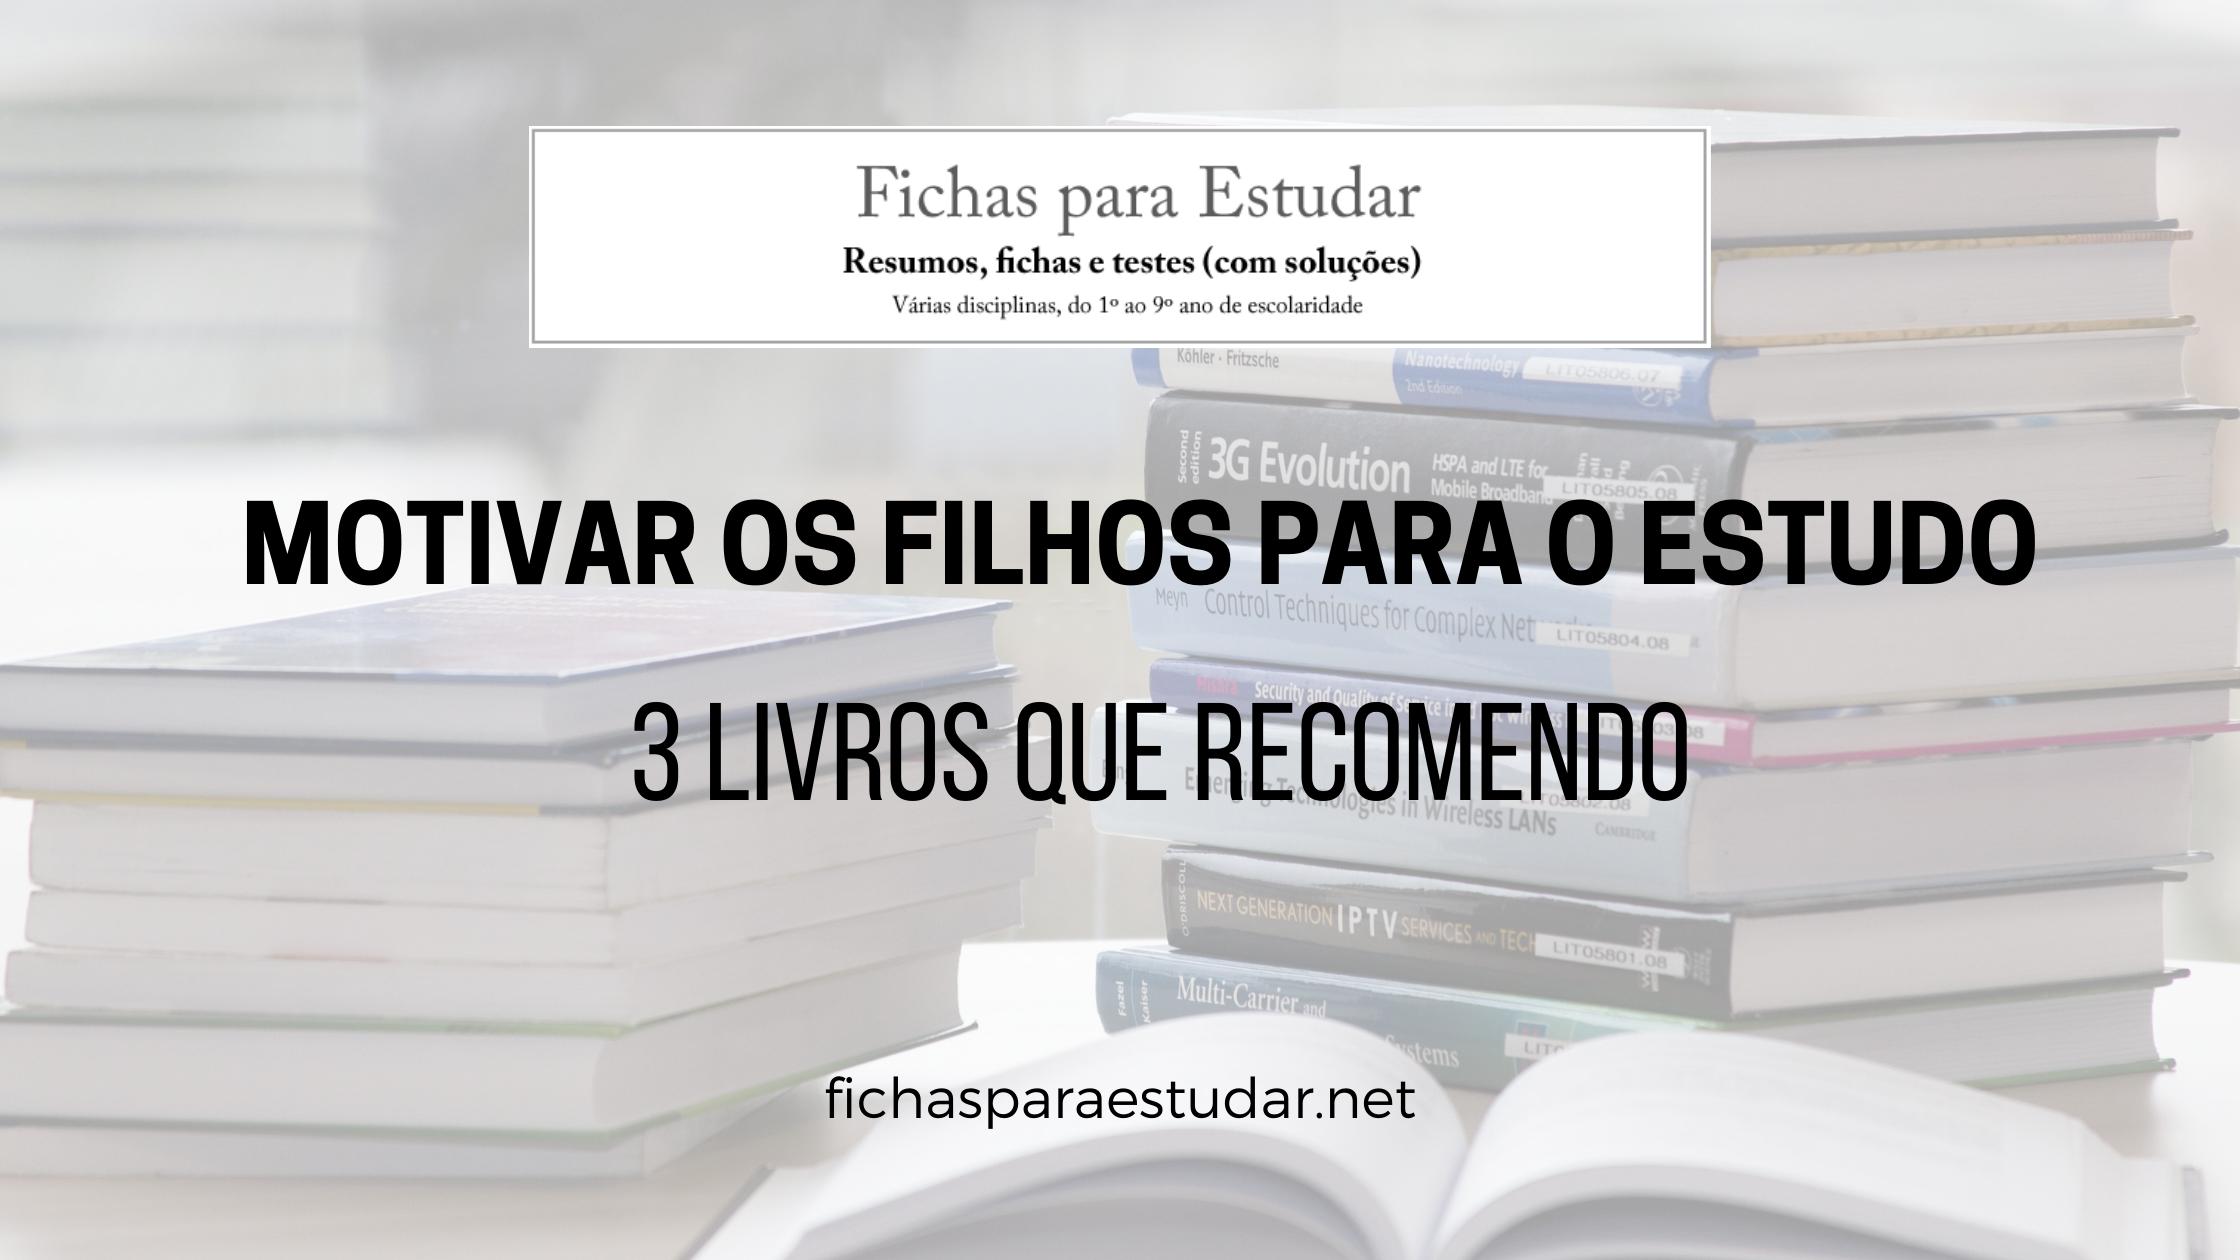 motivar os filhos para o estudo: livros que recomendo